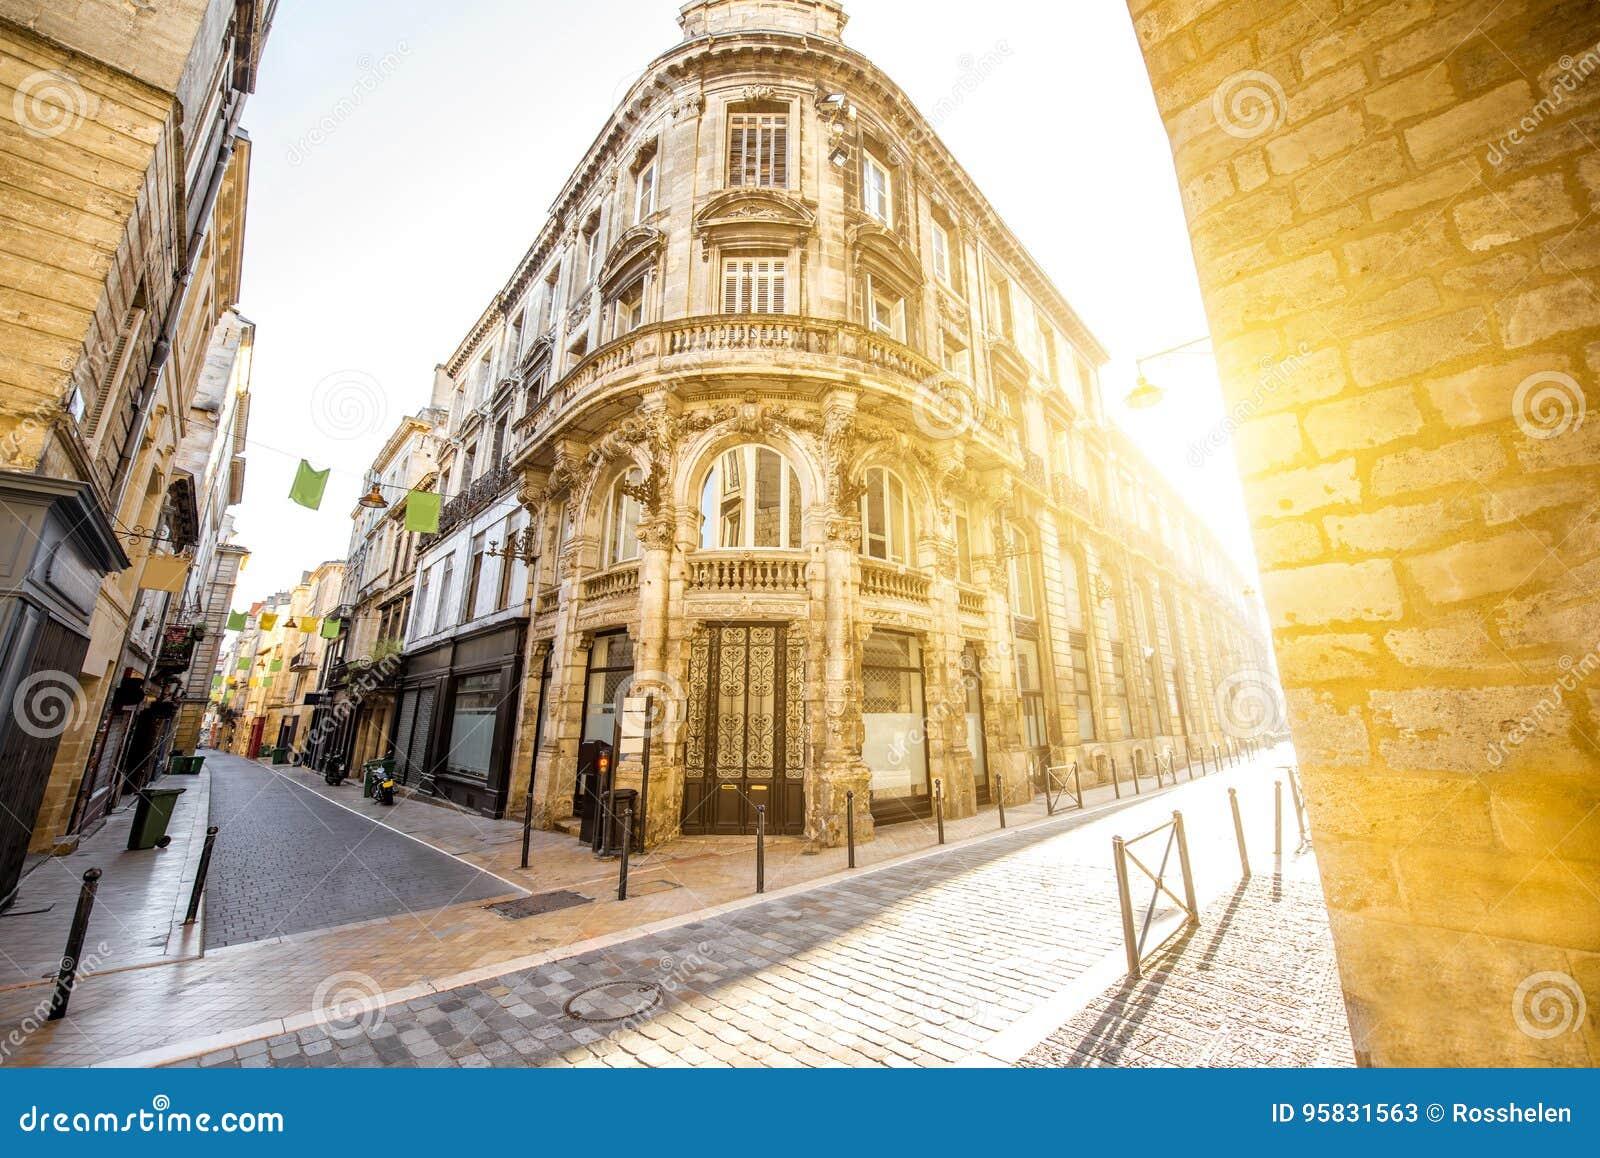 Город Бордо в Франции